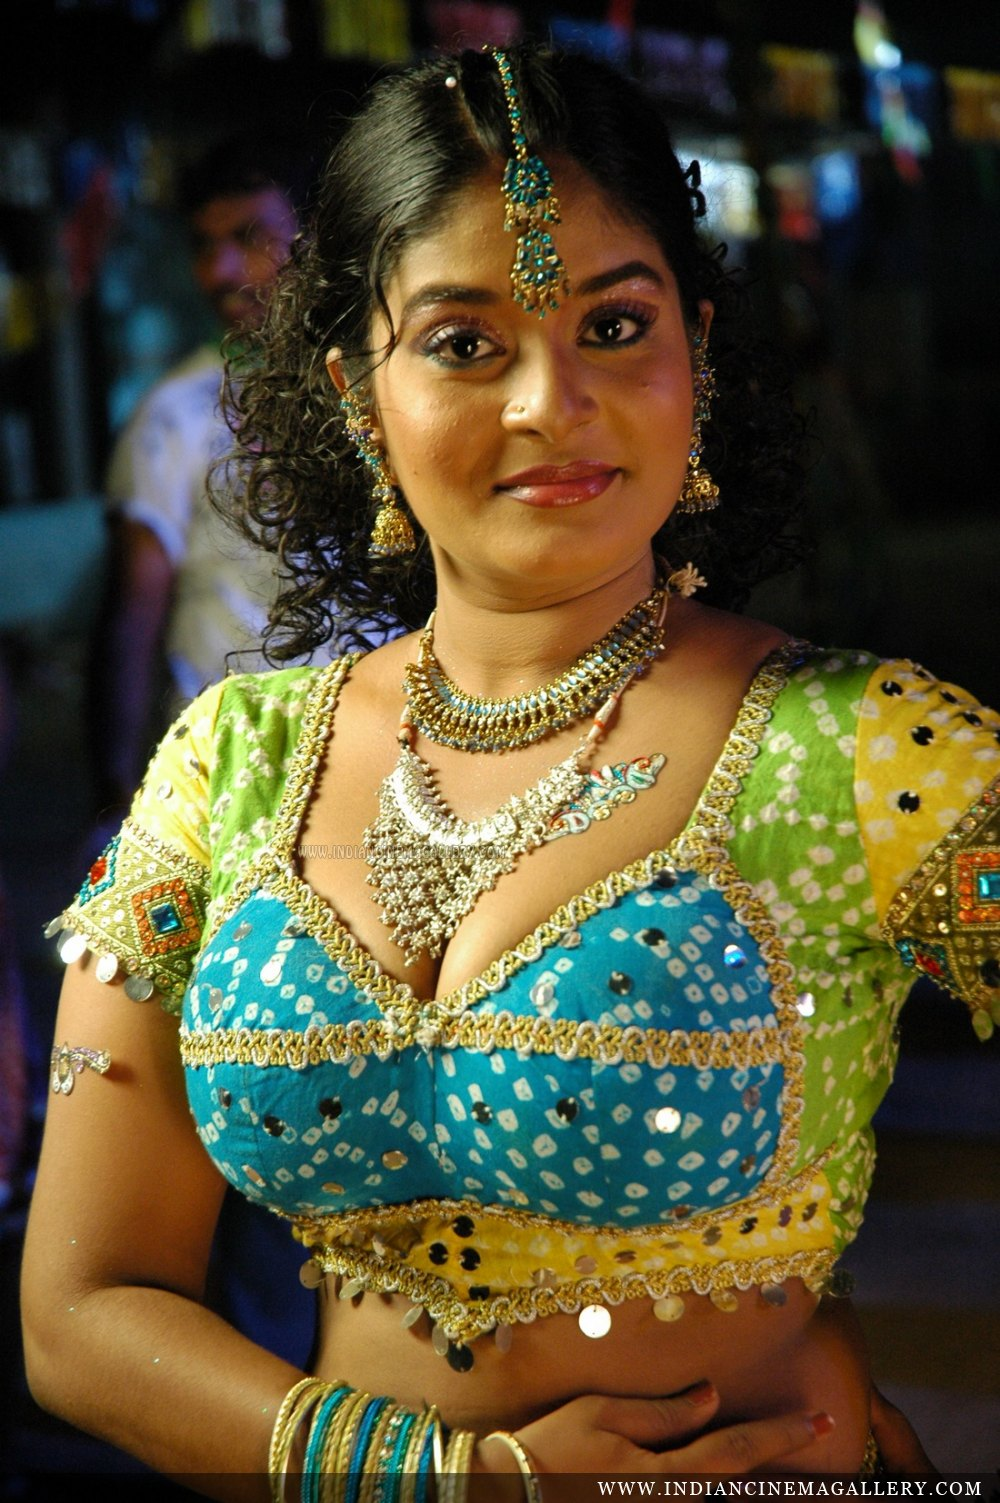 Indian Actress Tamil Tv Serial Actress Neepa Hot Big -2515